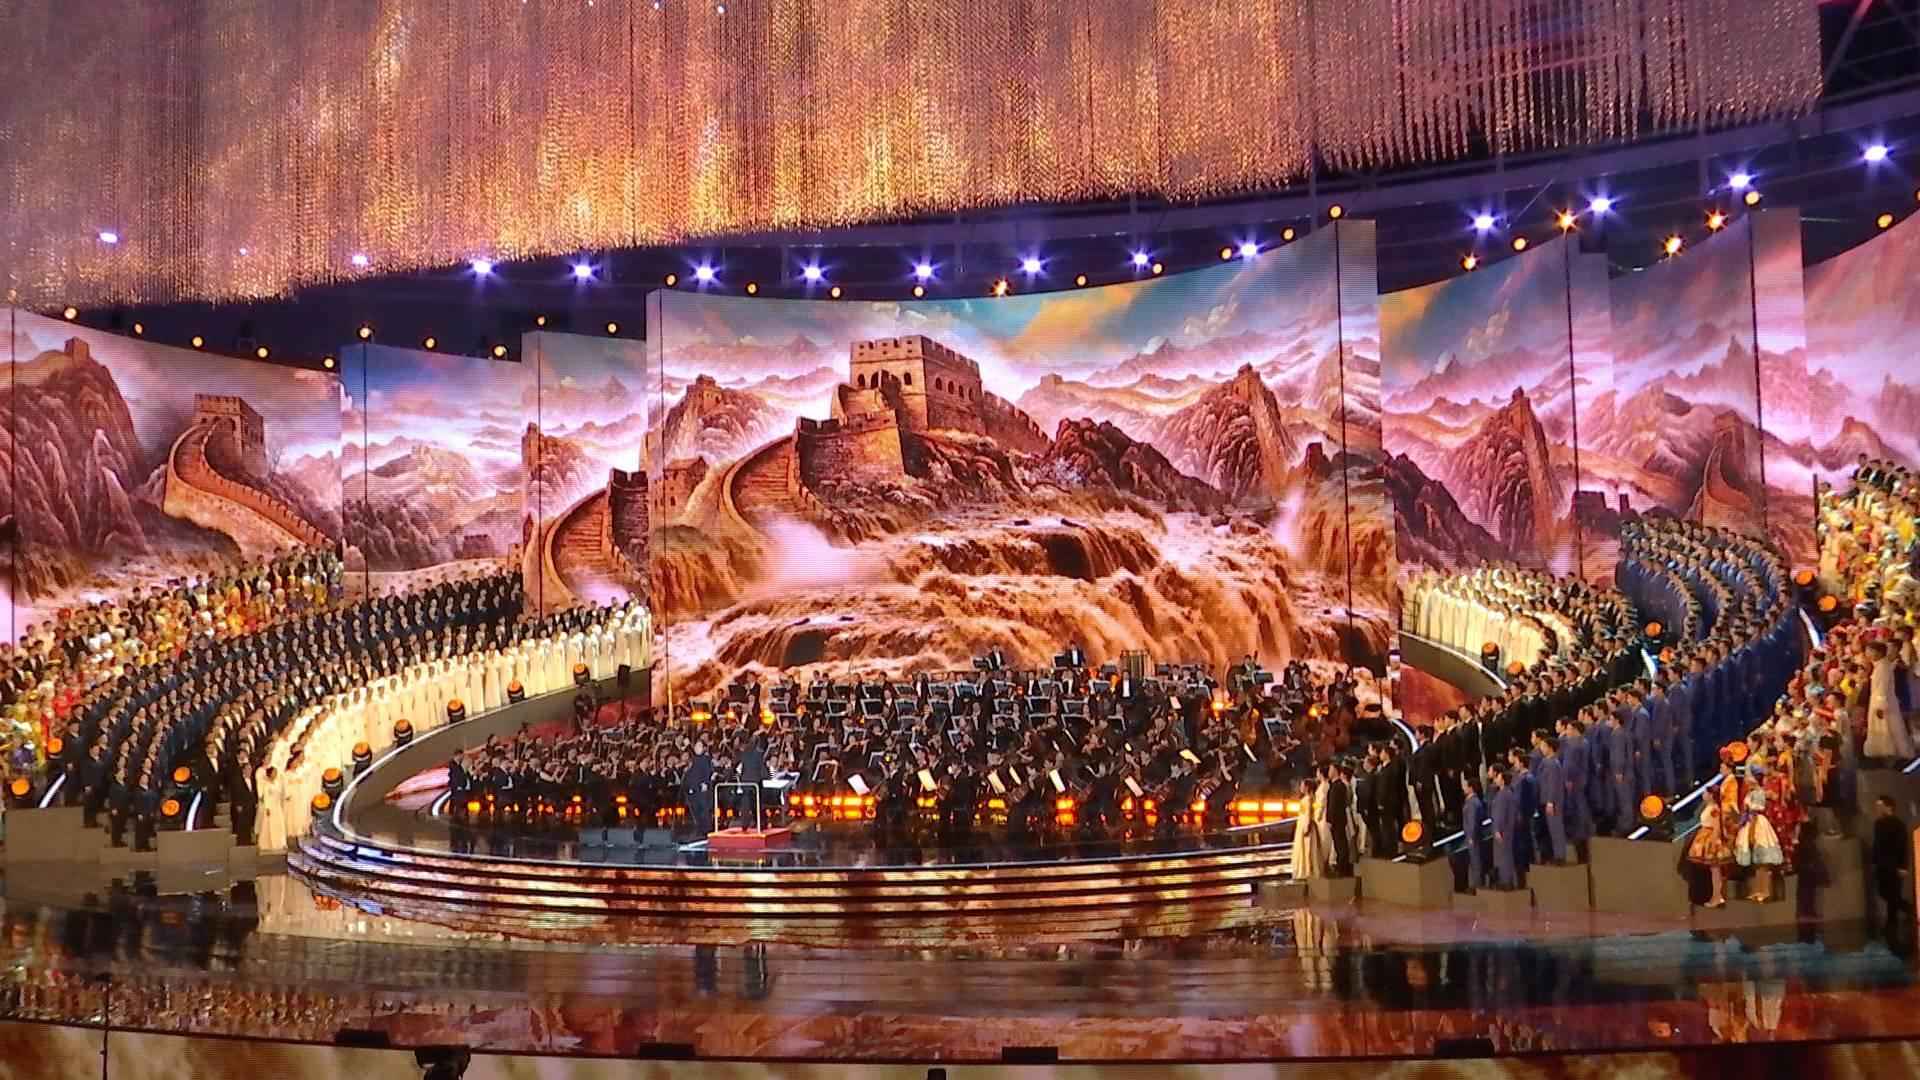 92秒丨反响热烈!大型交响音乐会《黄河入海》在济南奥体中心精彩上演